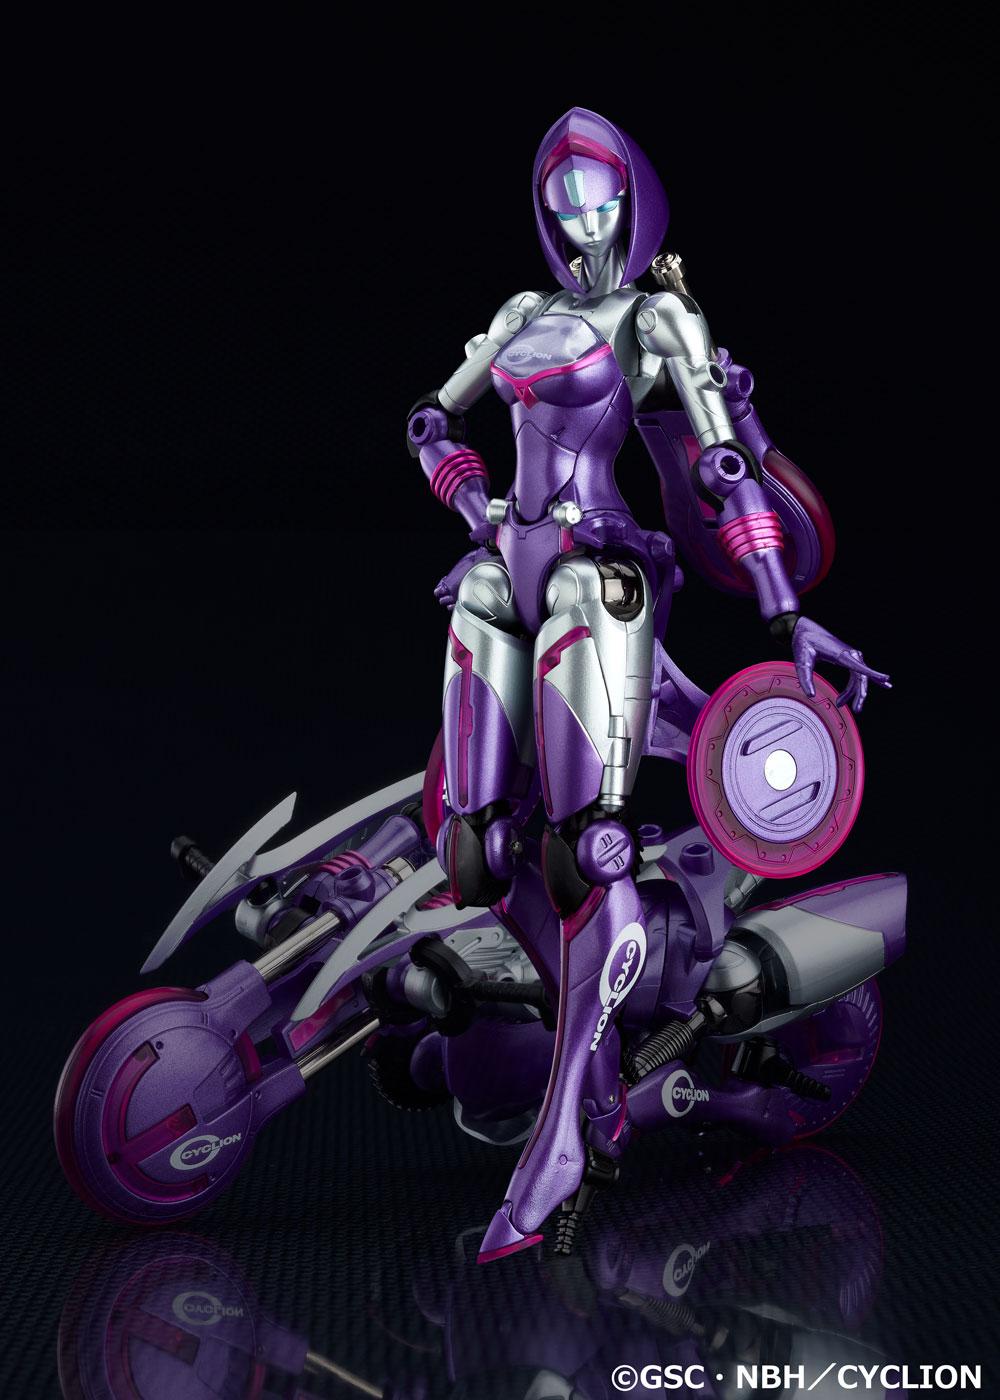 新・変形体験! 可変バイクレディ「サイクリオン」誕生!